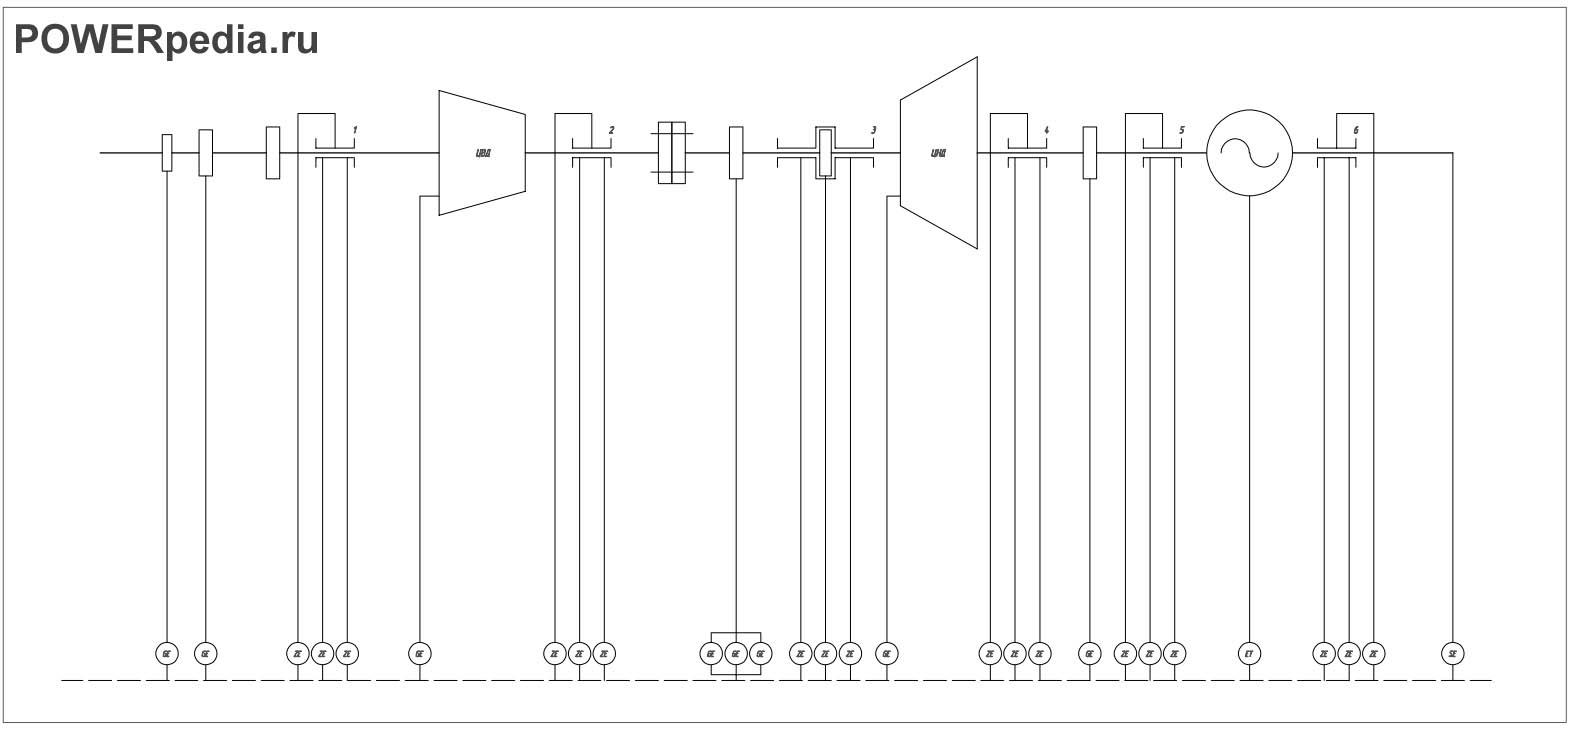 Схема системы диагностики турбины